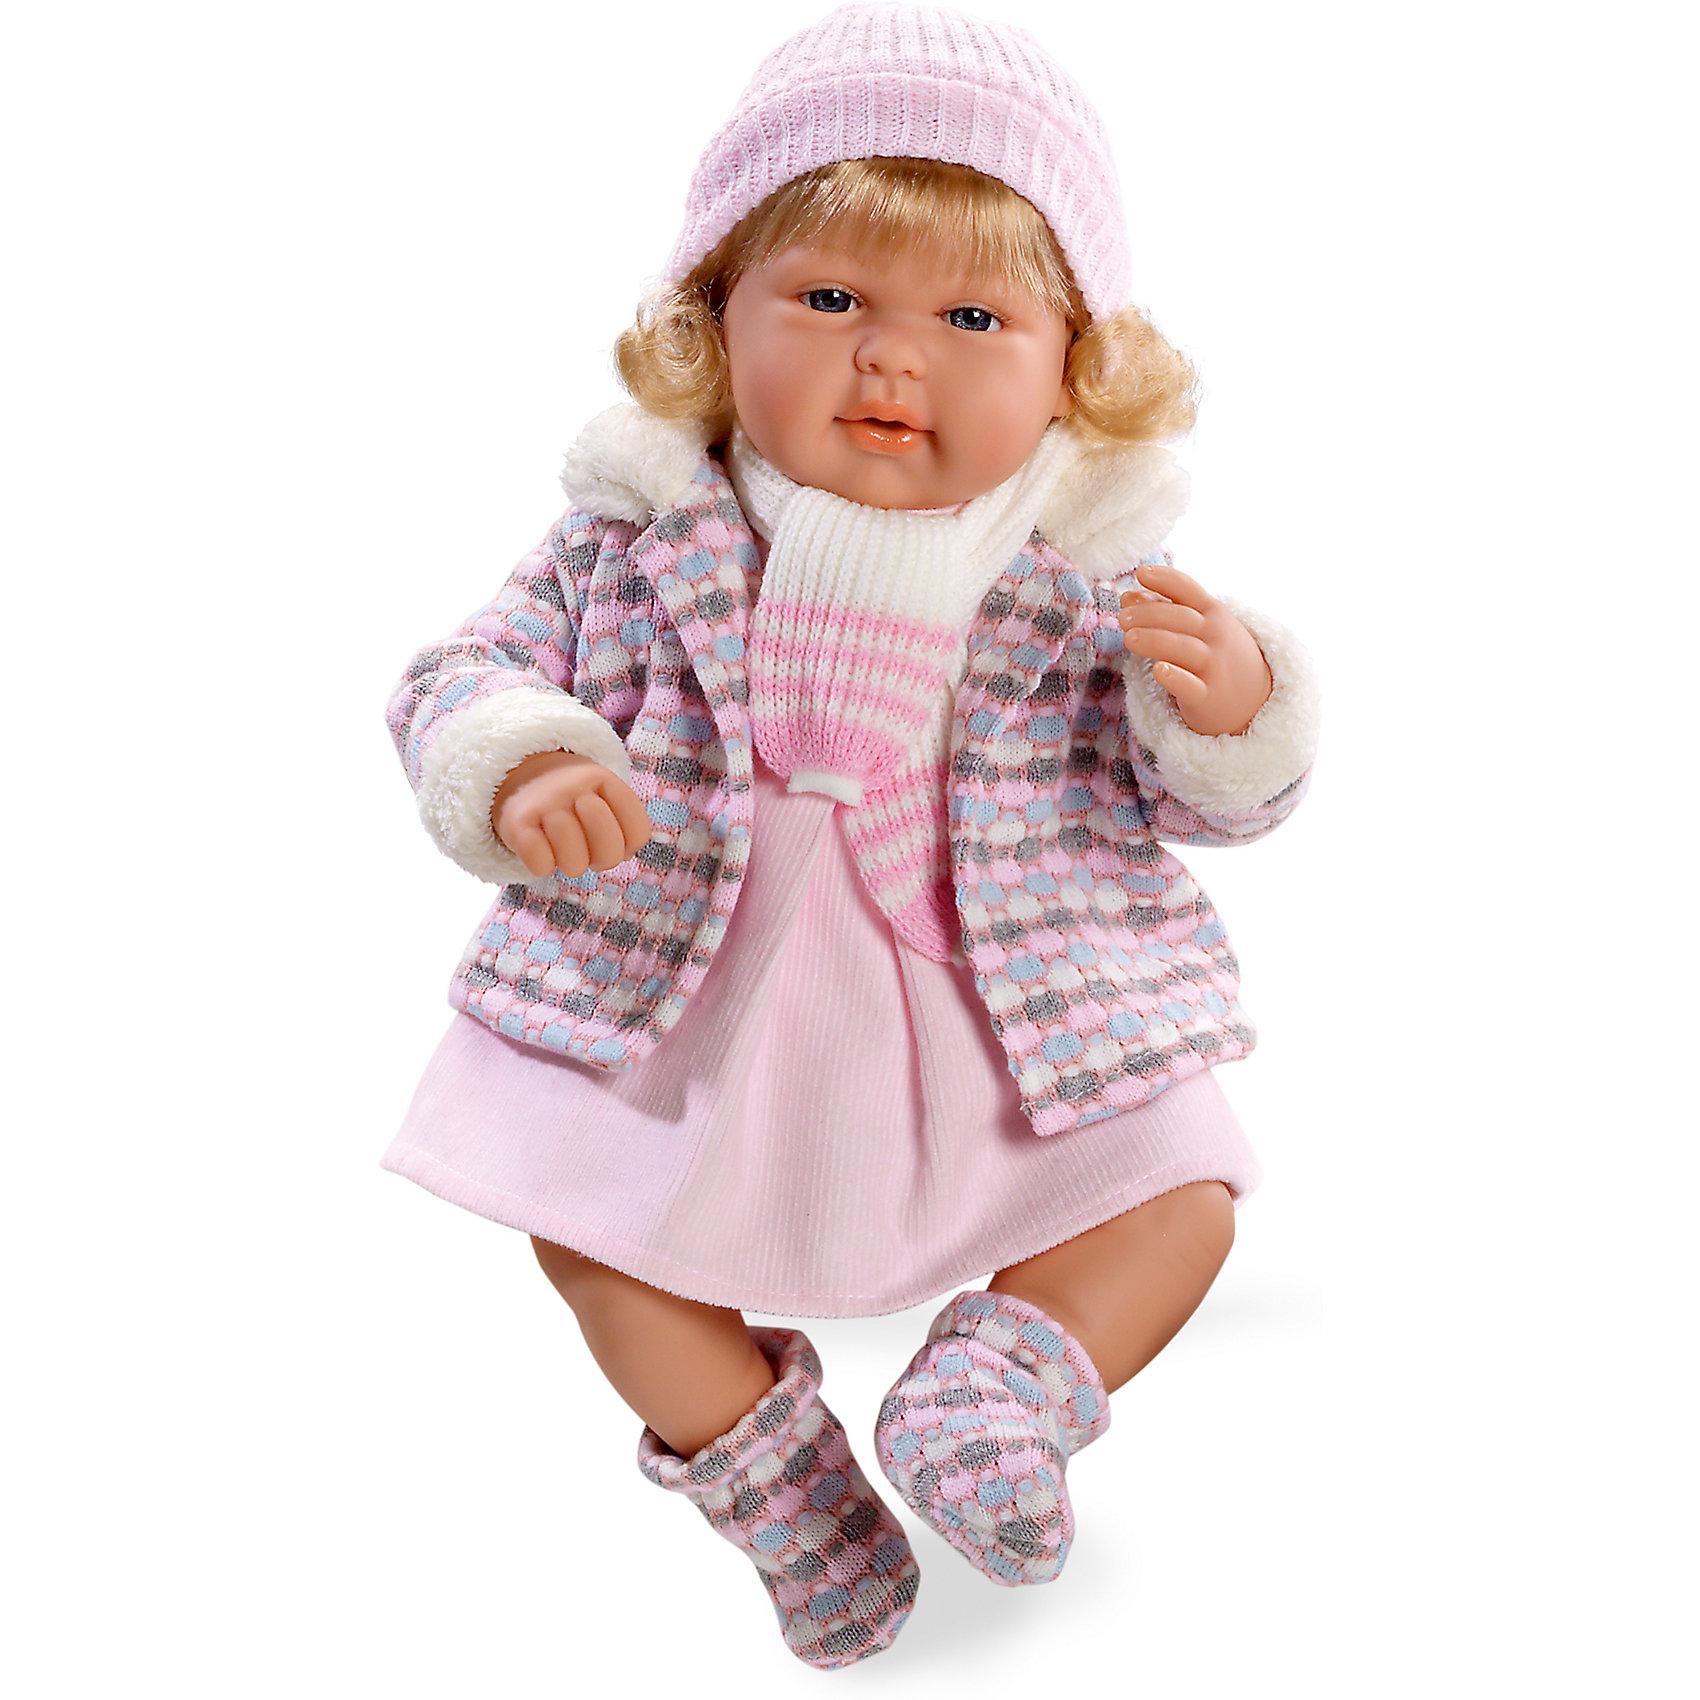 Кукла Elegance Девочка с соской, в теплой курточке, смеется, розовый, 45 см , AriasКлассические куклы<br>Характеристики:<br><br>• Вид игр: сюжетно-ролевые<br>• Пол: для девочек<br>• Коллекция: Elegance<br>• Материал: винил, текстиль, нейлон<br>• Длина куклы: 45 см<br>• Комплектация: кукла, платьице, курточка, пинетки, шапочка, шарф, соска<br>• Подвижные ручки и ножки <br>• Умеет смеяться<br>• Батарейки: 3 x AG13 / LR44 (предусмотрены в комплекте)<br>• Вес в упаковке: 1 кг 680 г<br>• Размеры упаковки (Г*Ш*В): 20*20*50 см<br>• Упаковка: картонная коробка<br>• Особенности ухода: куклу можно купать, одежда – ручная стирка<br><br>Кукла Elegance Девочка с соской, в теплой курточке, смеется, розовый, 45 см , Arias изготовлена известным испанским торговым предприятием Munecas, который специализируется на выпуске кукол и пупсов. Пупсы и куклы Arias с высокой степенью достоверности повторяют облик маленьких детей, благодаря мельчайшим деталям внешнего вида и одежды игрушки выглядят мило и очаровательно. Кукла выполнена из винила, у нее подвижные ручки и ножки, четко прорисованные глаза и брови, курносый носик и пухленькие губки. Светлые густые волосы слегка завиты. Малышка одета в розовое платьице, теплую курточку, отделанную мехом, на ножках у нее теплые пинетки в тон курточке, дополняют теплый комплект одежды вязаные шапочка и шарф. При нажатии на животик, кукла начинает смеяться. Кукла Elegance Девочка с соской, в теплой курточке, смеется, розовый, 45 см , Arias идеальным подарком для девочки к любому празднику.<br><br>Куклу Elegance Девочка с соской, в теплой курточке, смеется, розовый, 45 см , Arias можно купить в нашем интернет-магазине.<br><br>Ширина мм: 320<br>Глубина мм: 540<br>Высота мм: 165<br>Вес г: 1563<br>Возраст от месяцев: 36<br>Возраст до месяцев: 120<br>Пол: Женский<br>Возраст: Детский<br>SKU: 5355540